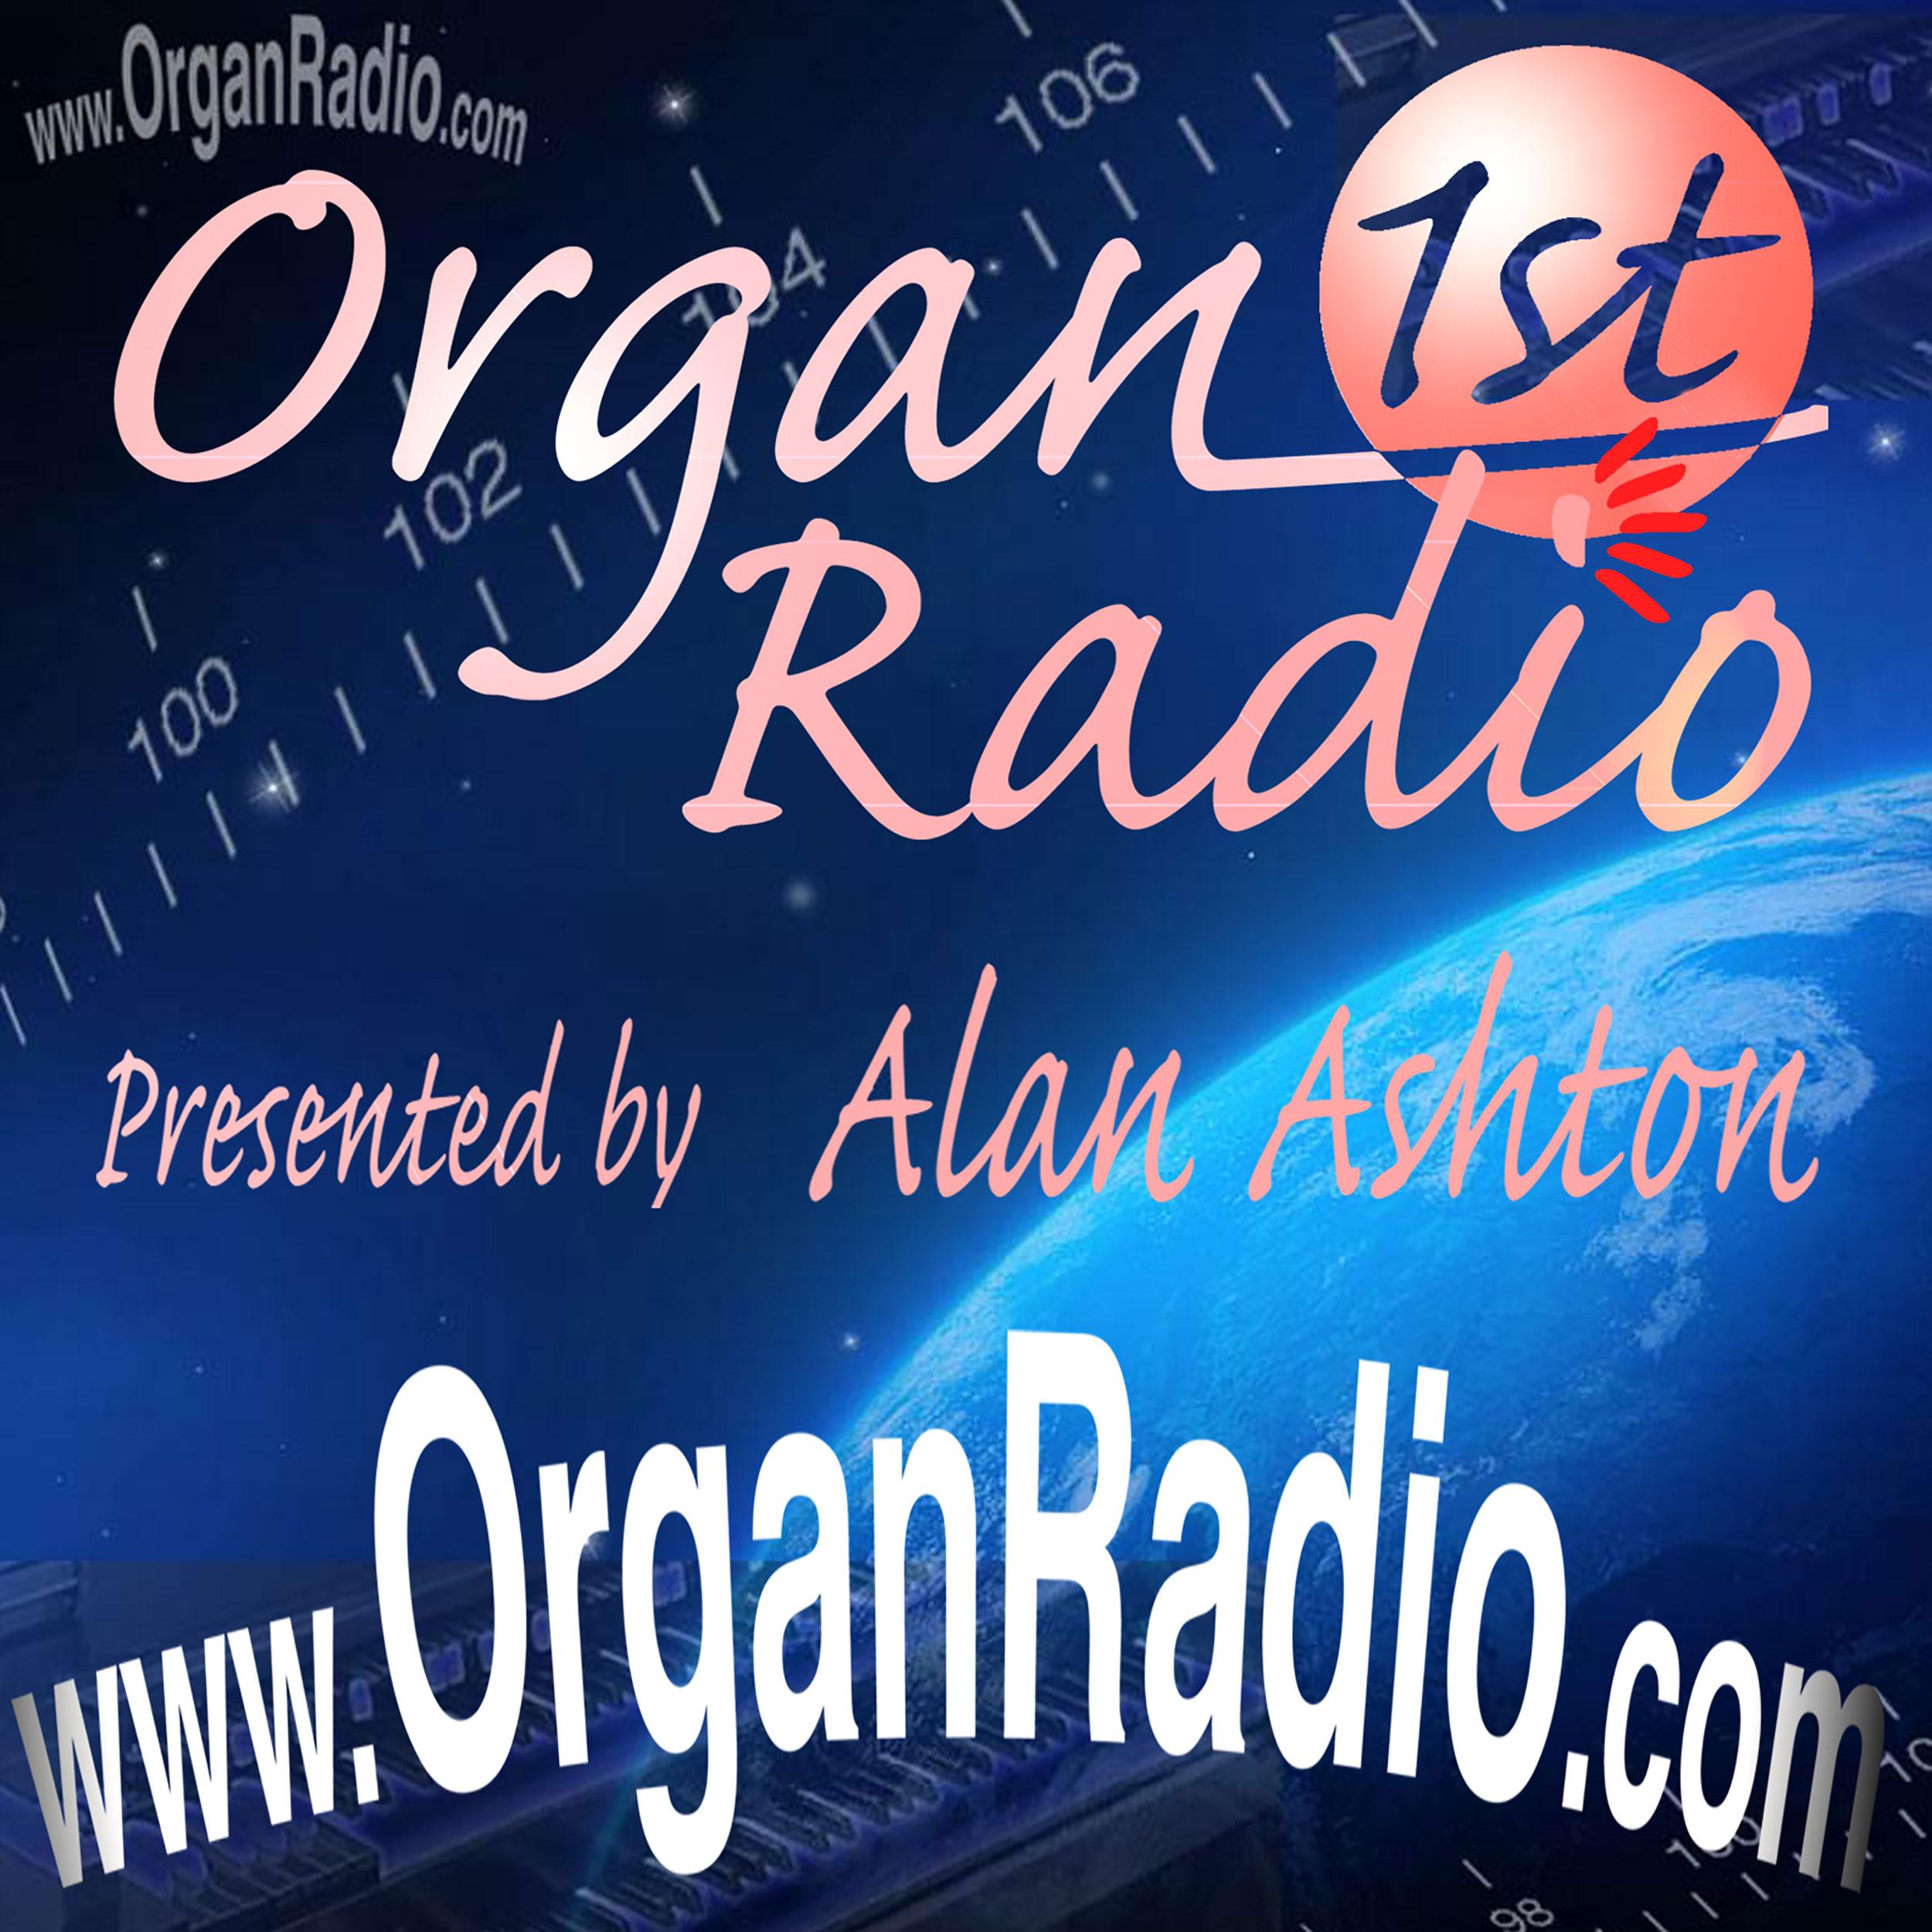 ORGAN1st Radio